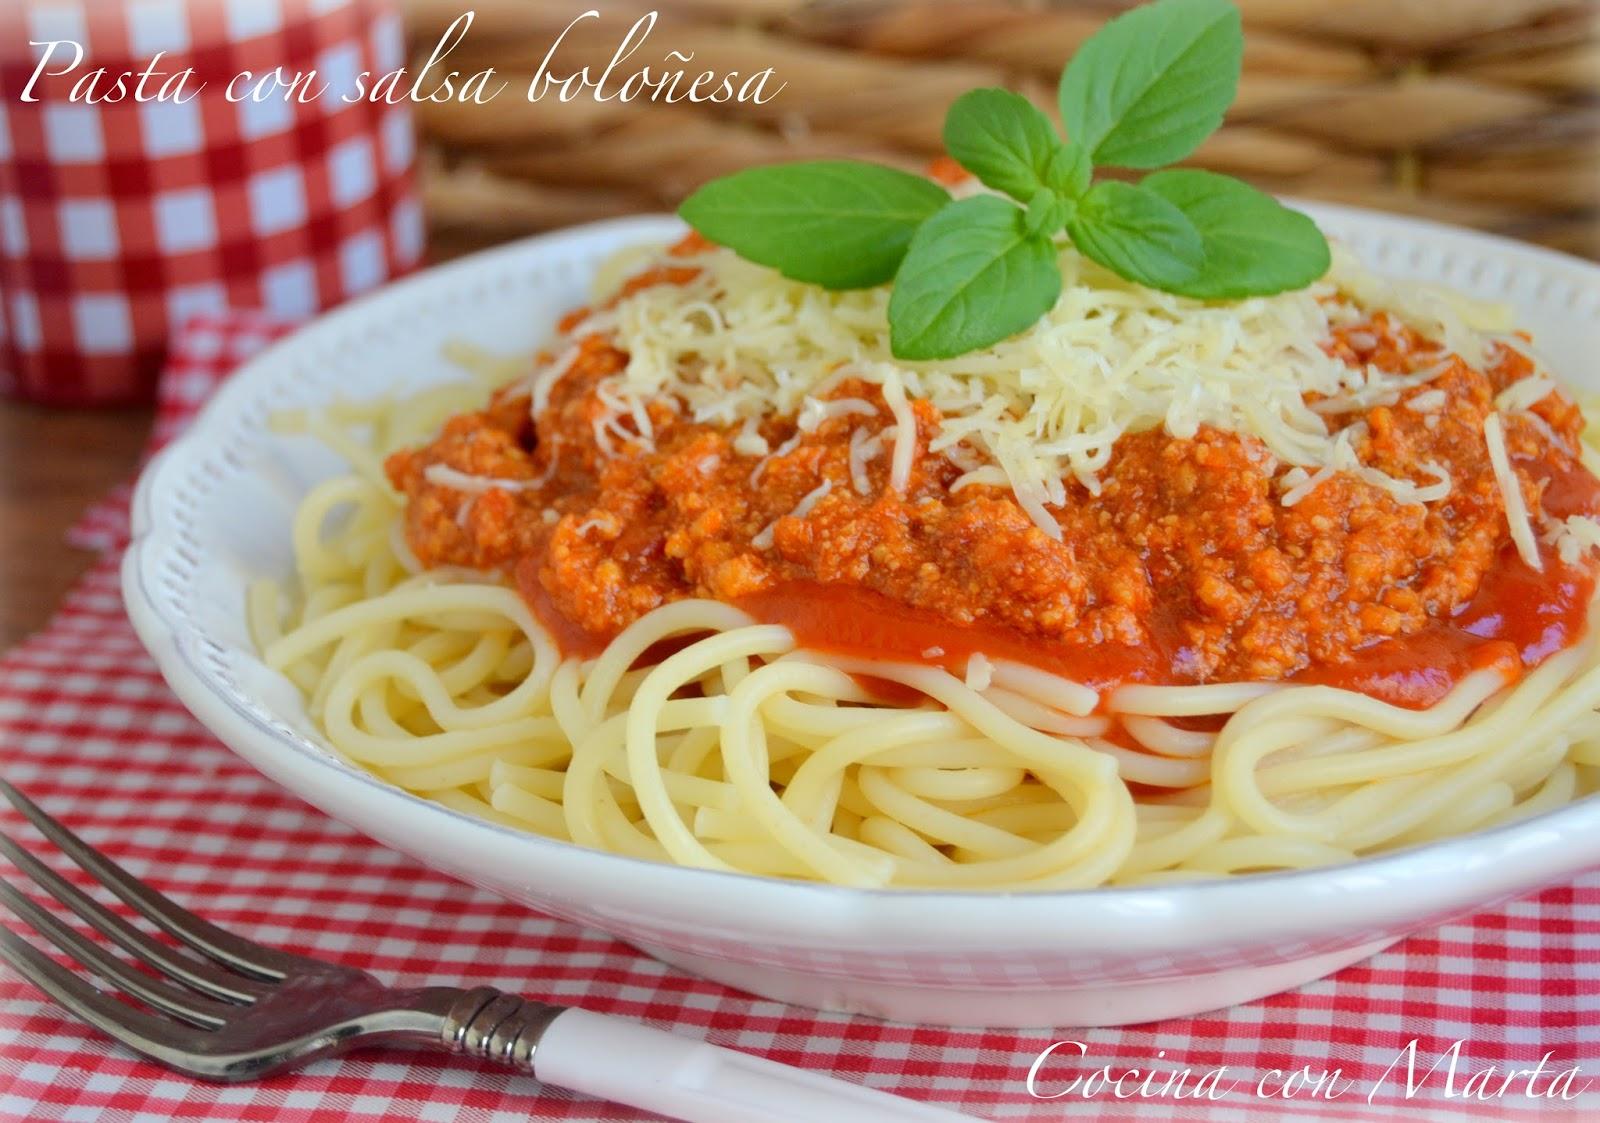 Cocina con marta recetas f ciles r pidas y caseras tenedor Como hacer comida facil y rapida en casa